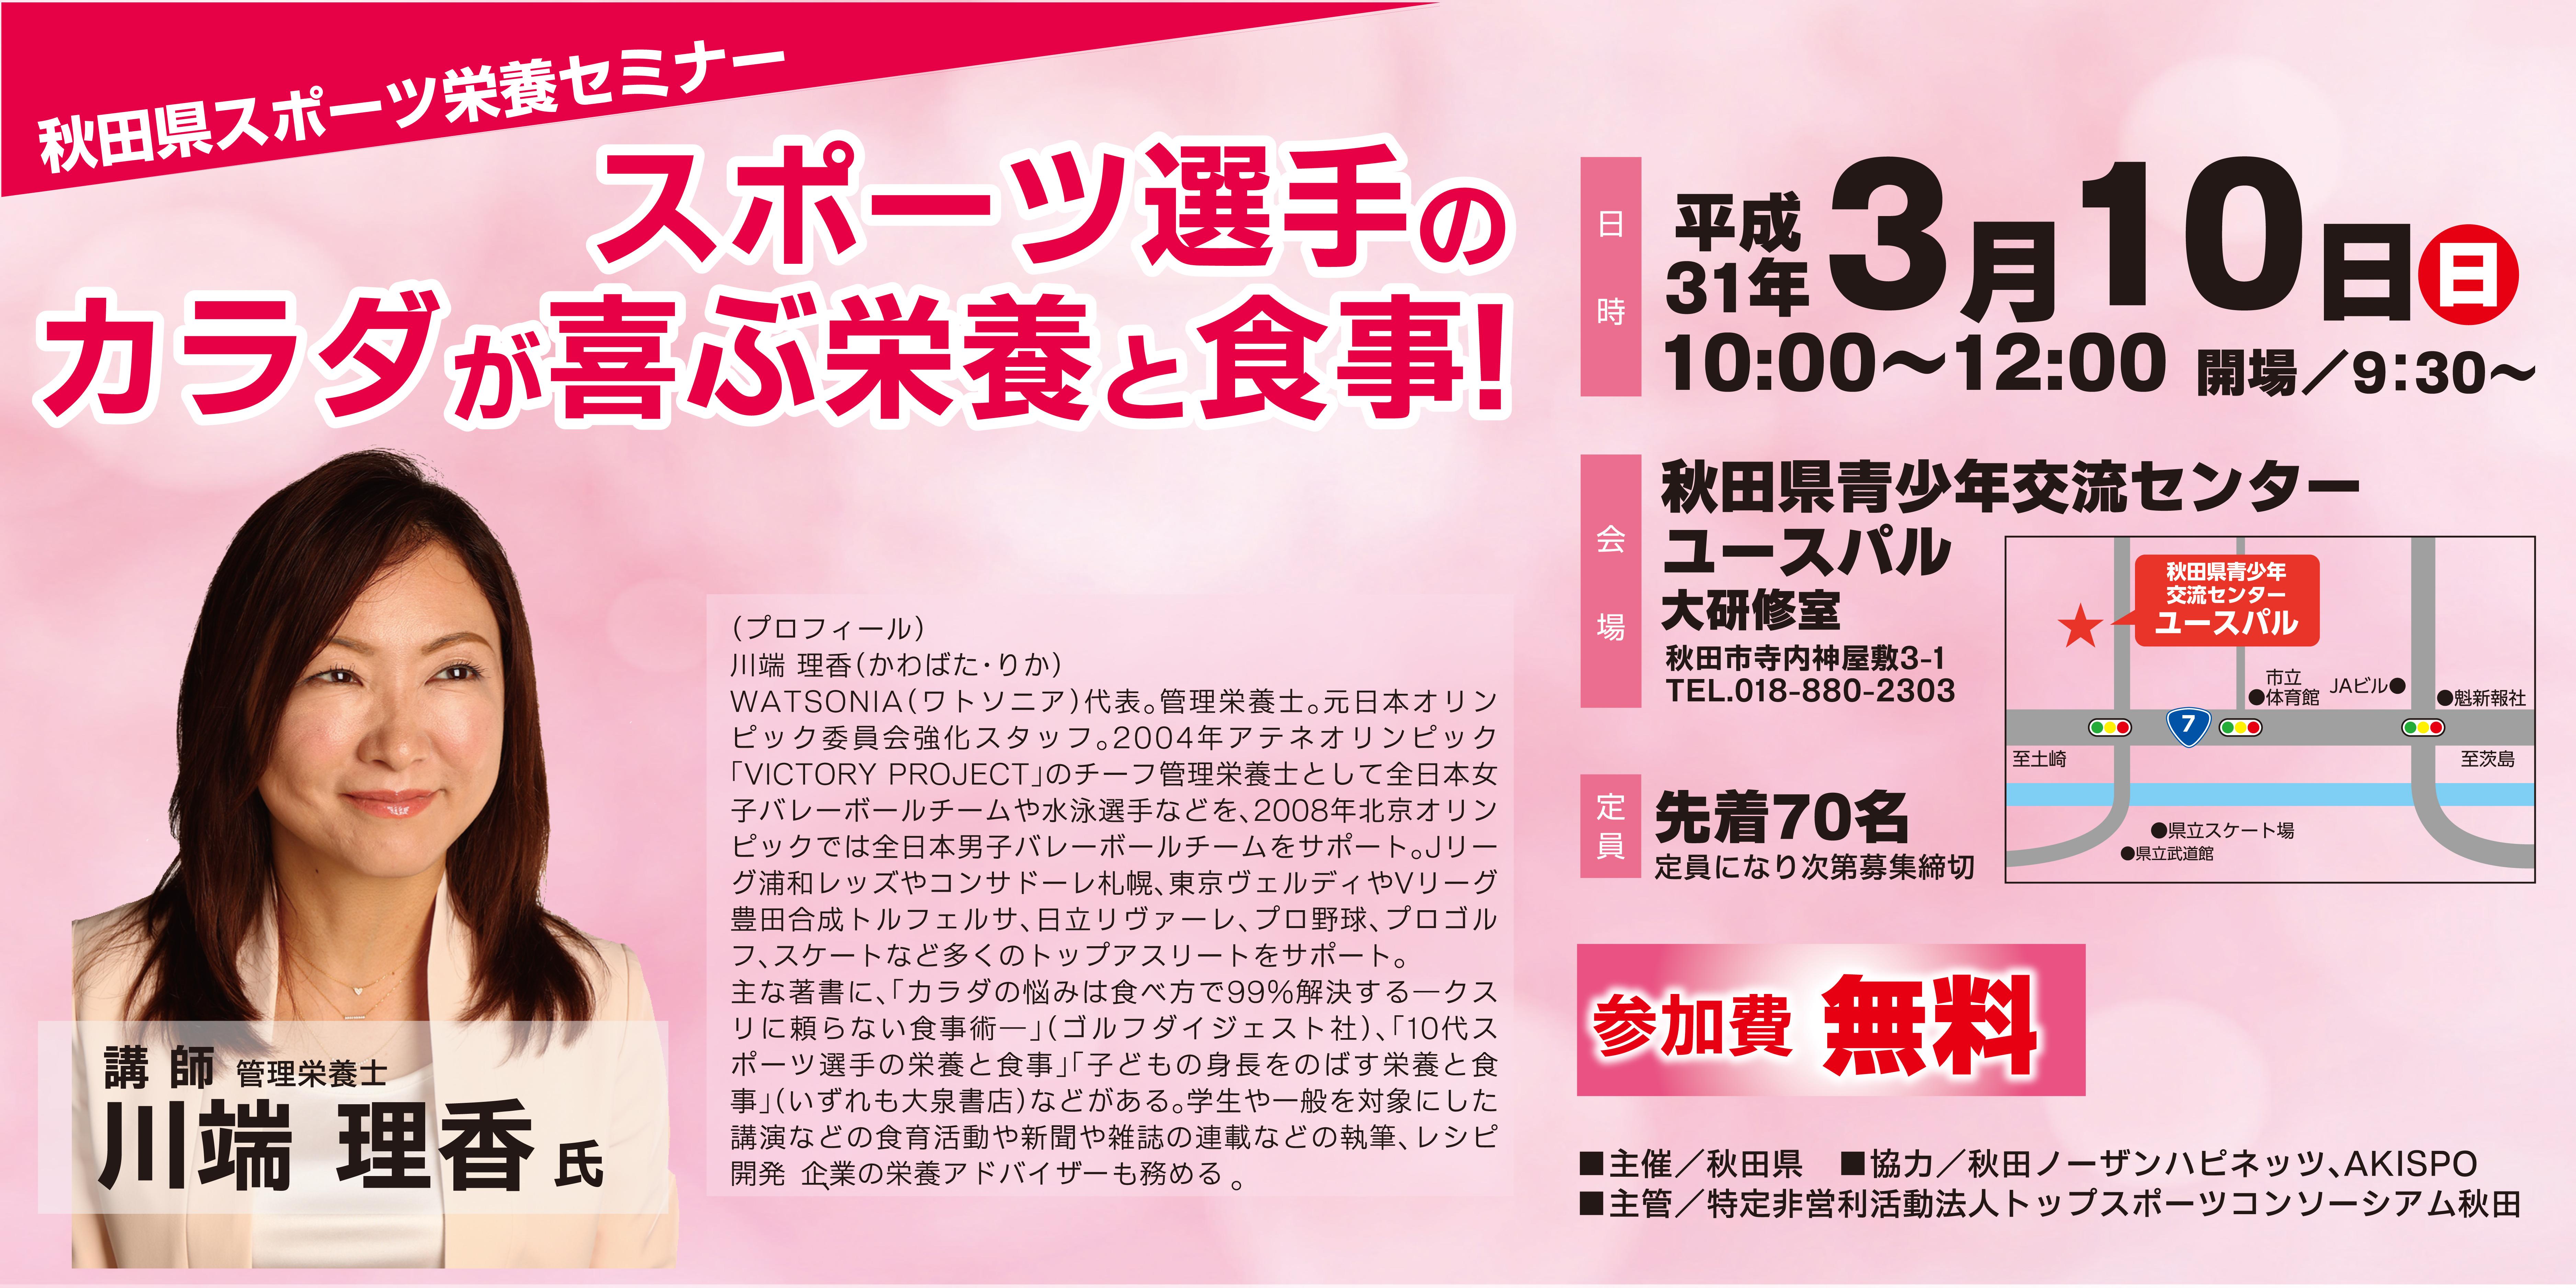 秋田県栄養セミナー